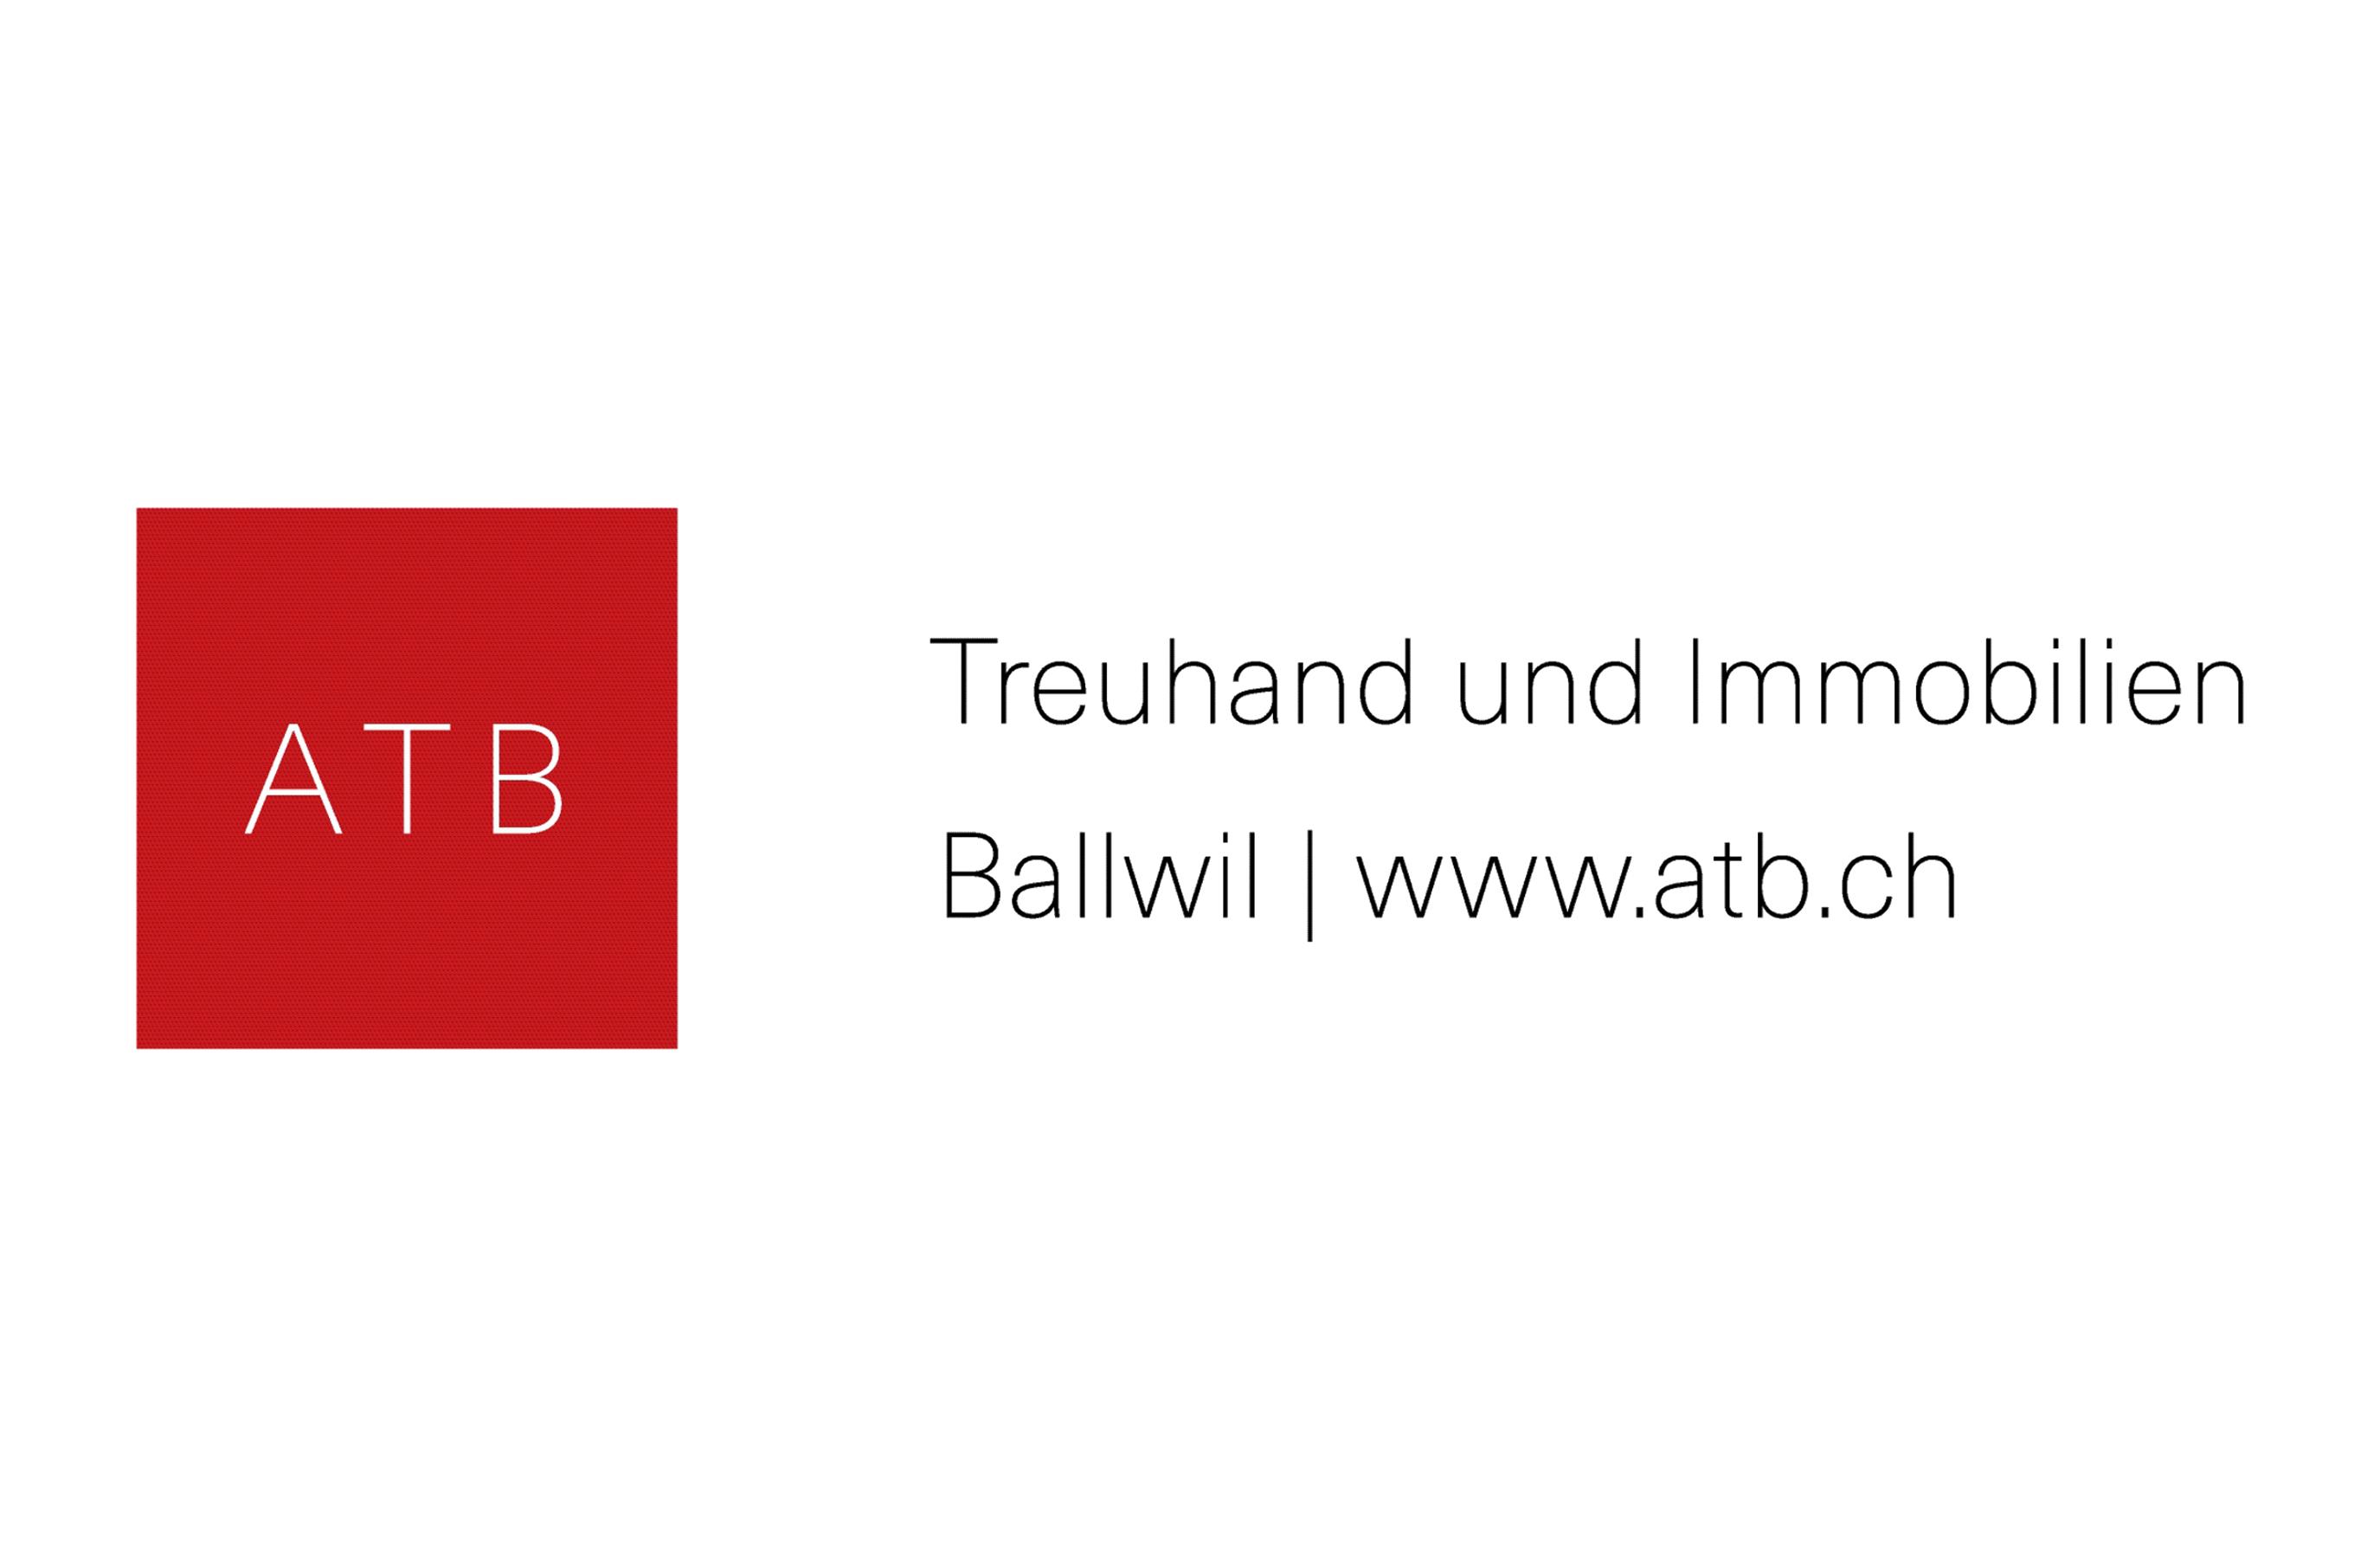 ATB Treuhand und Immobilien